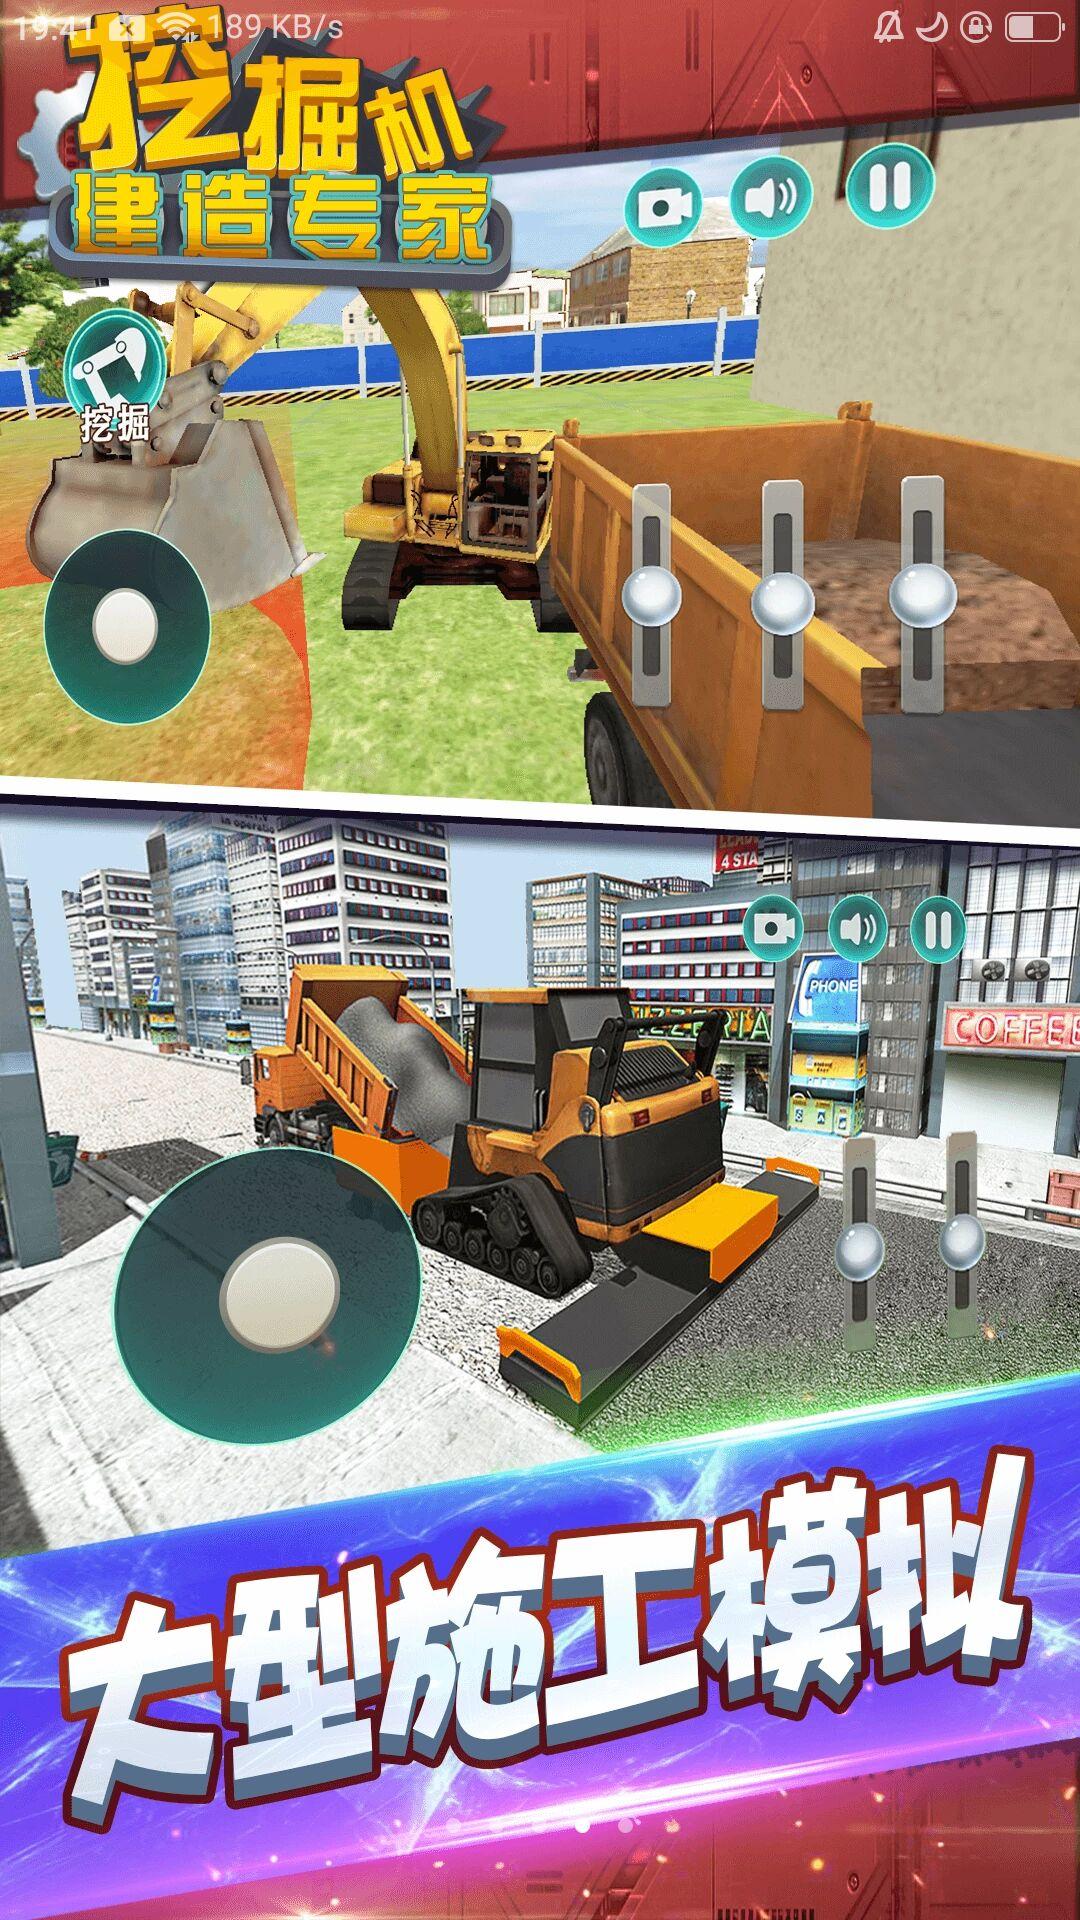 挖掘机建造专家 V1.0.1 安卓版